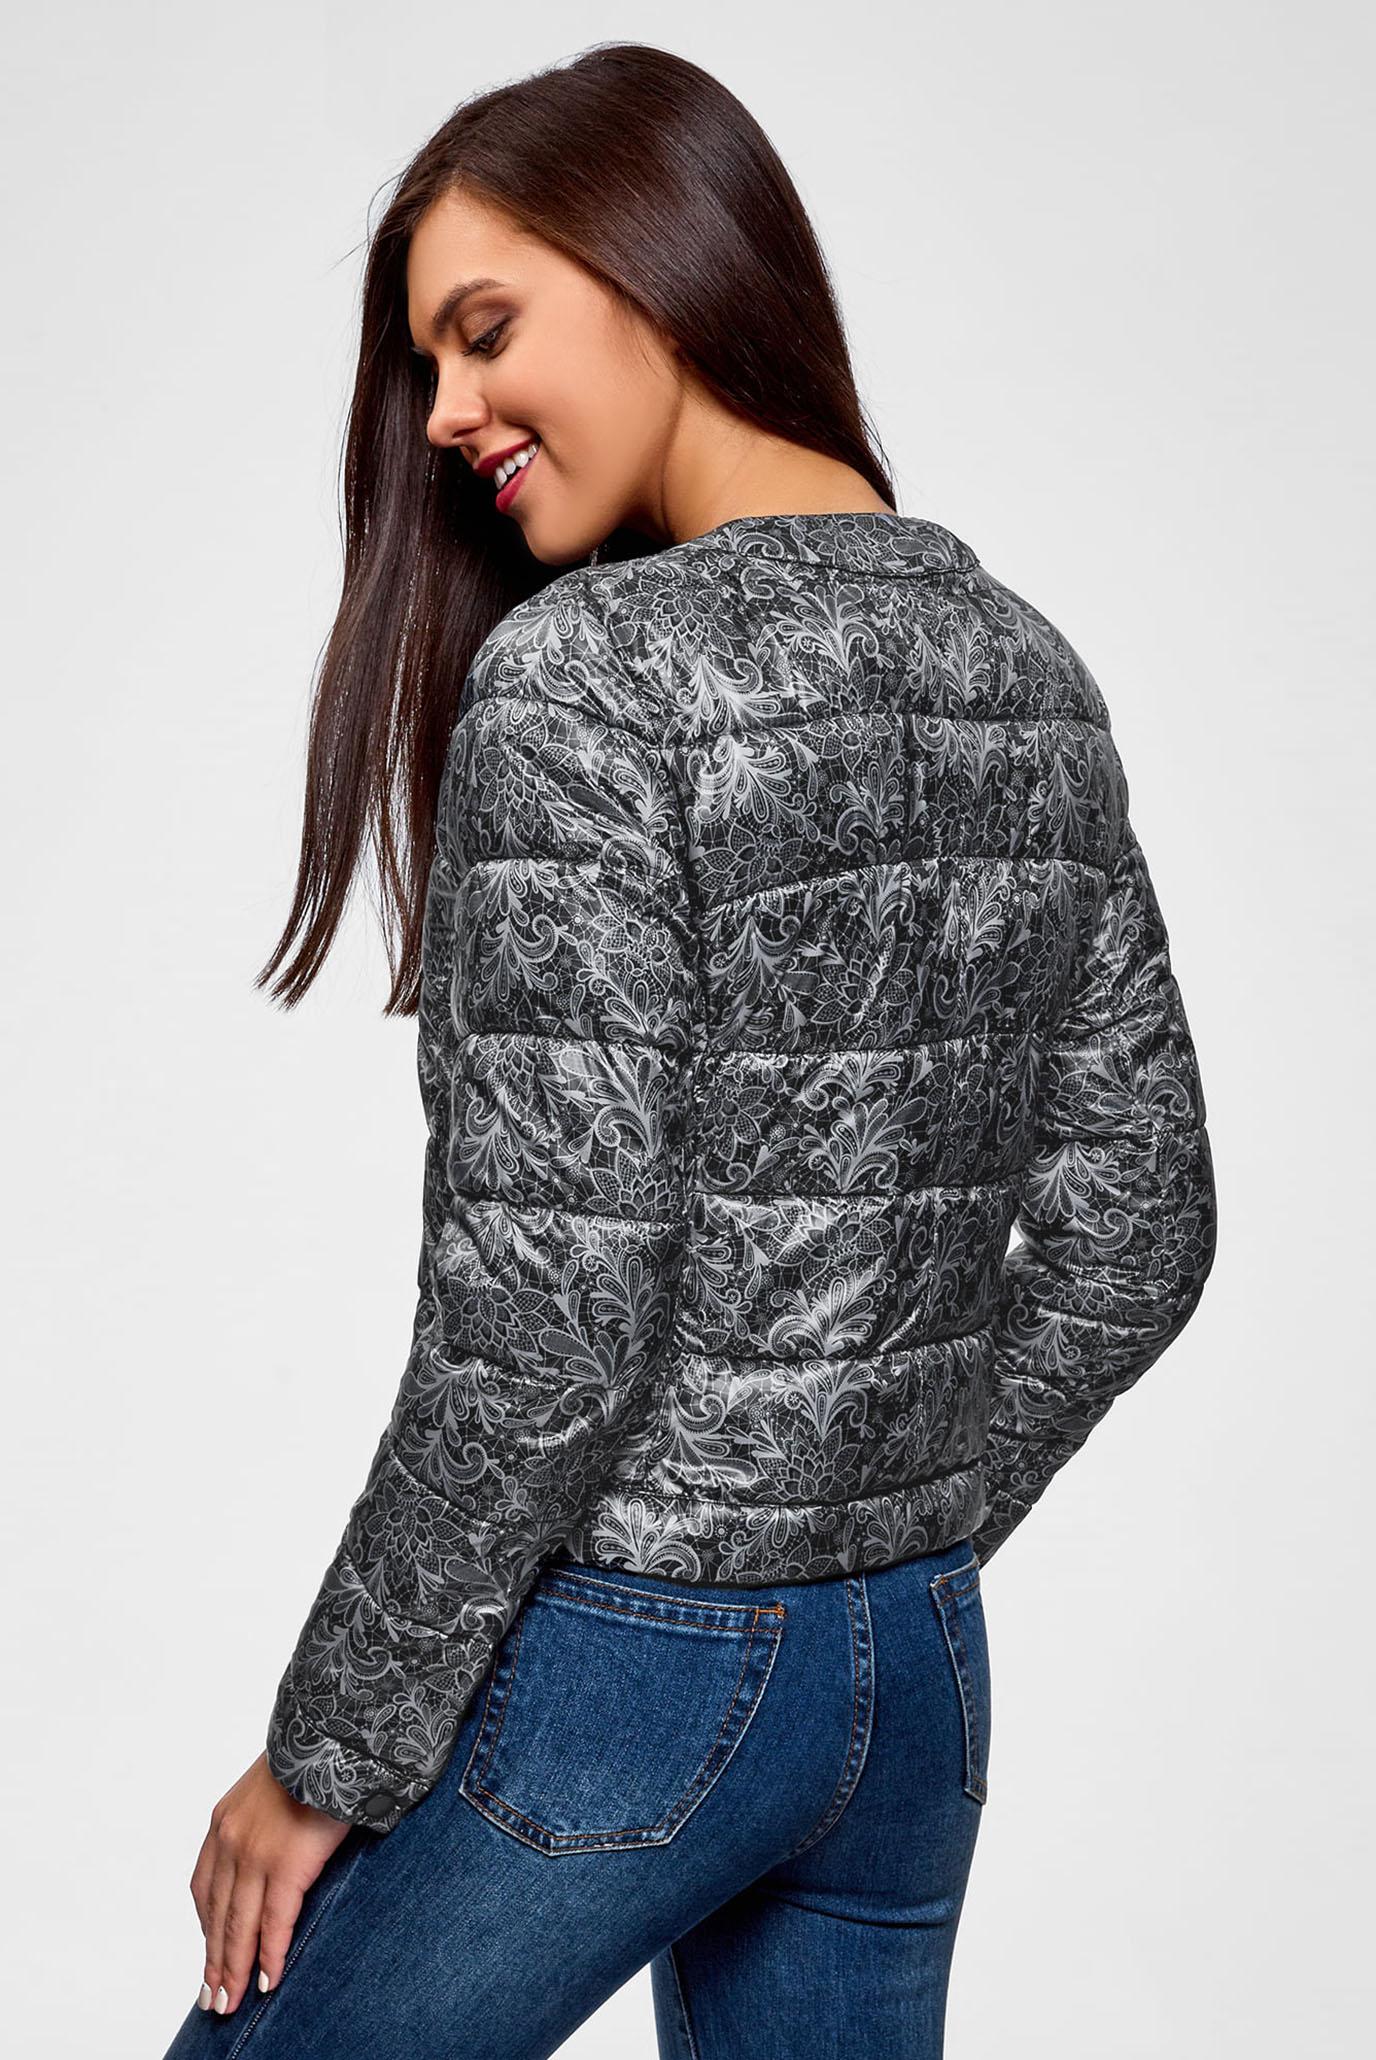 Купить Женская черная принтованная куртка Oodji Oodji 10203072B/42257/2923L – Киев, Украина. Цены в интернет магазине MD Fashion